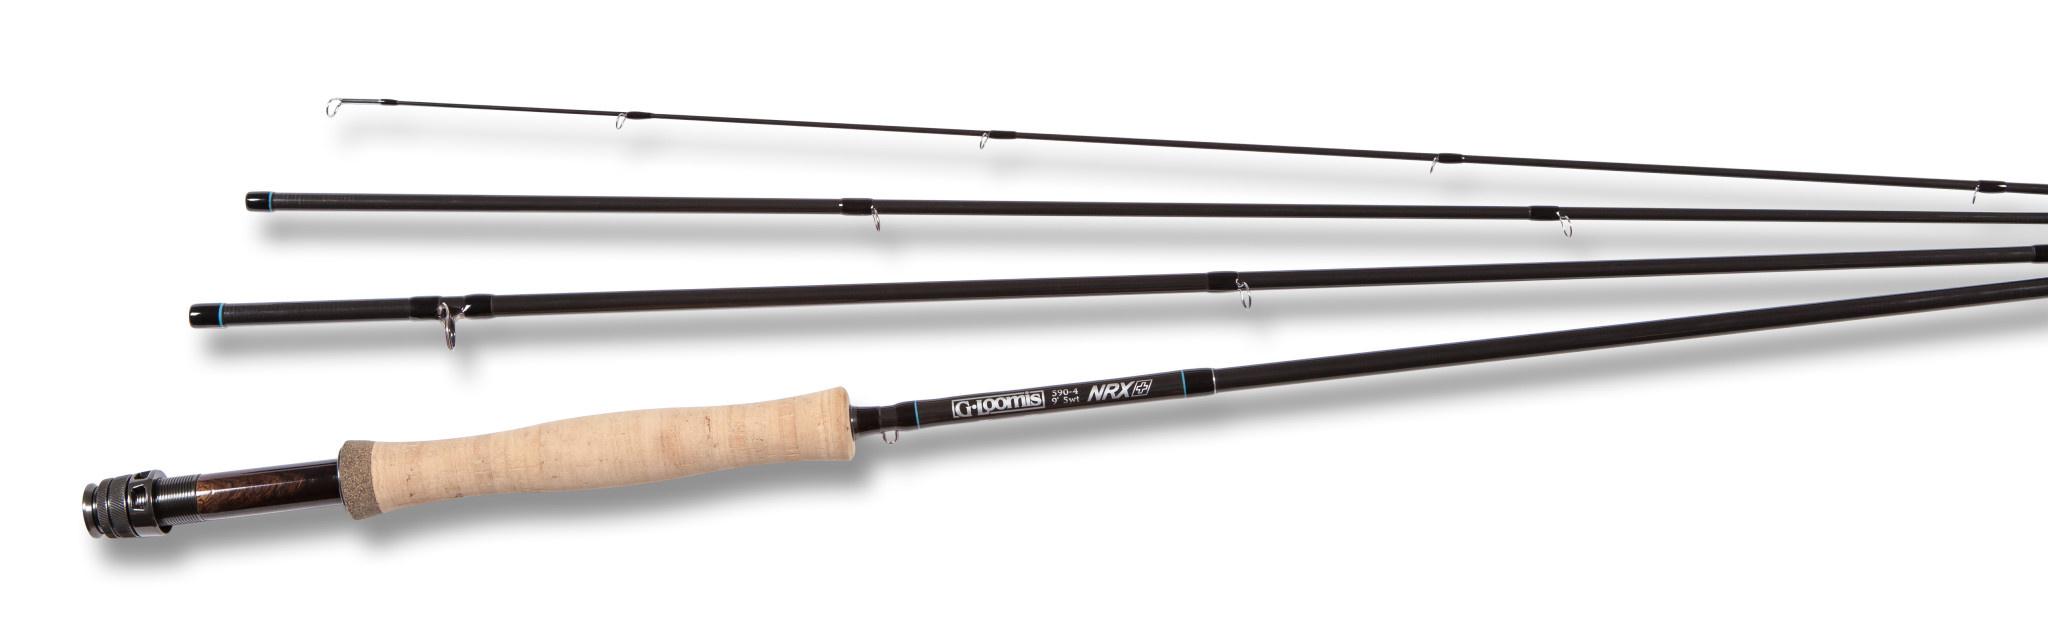 G. Loomis G. Loomis NRX Plus Freshwater